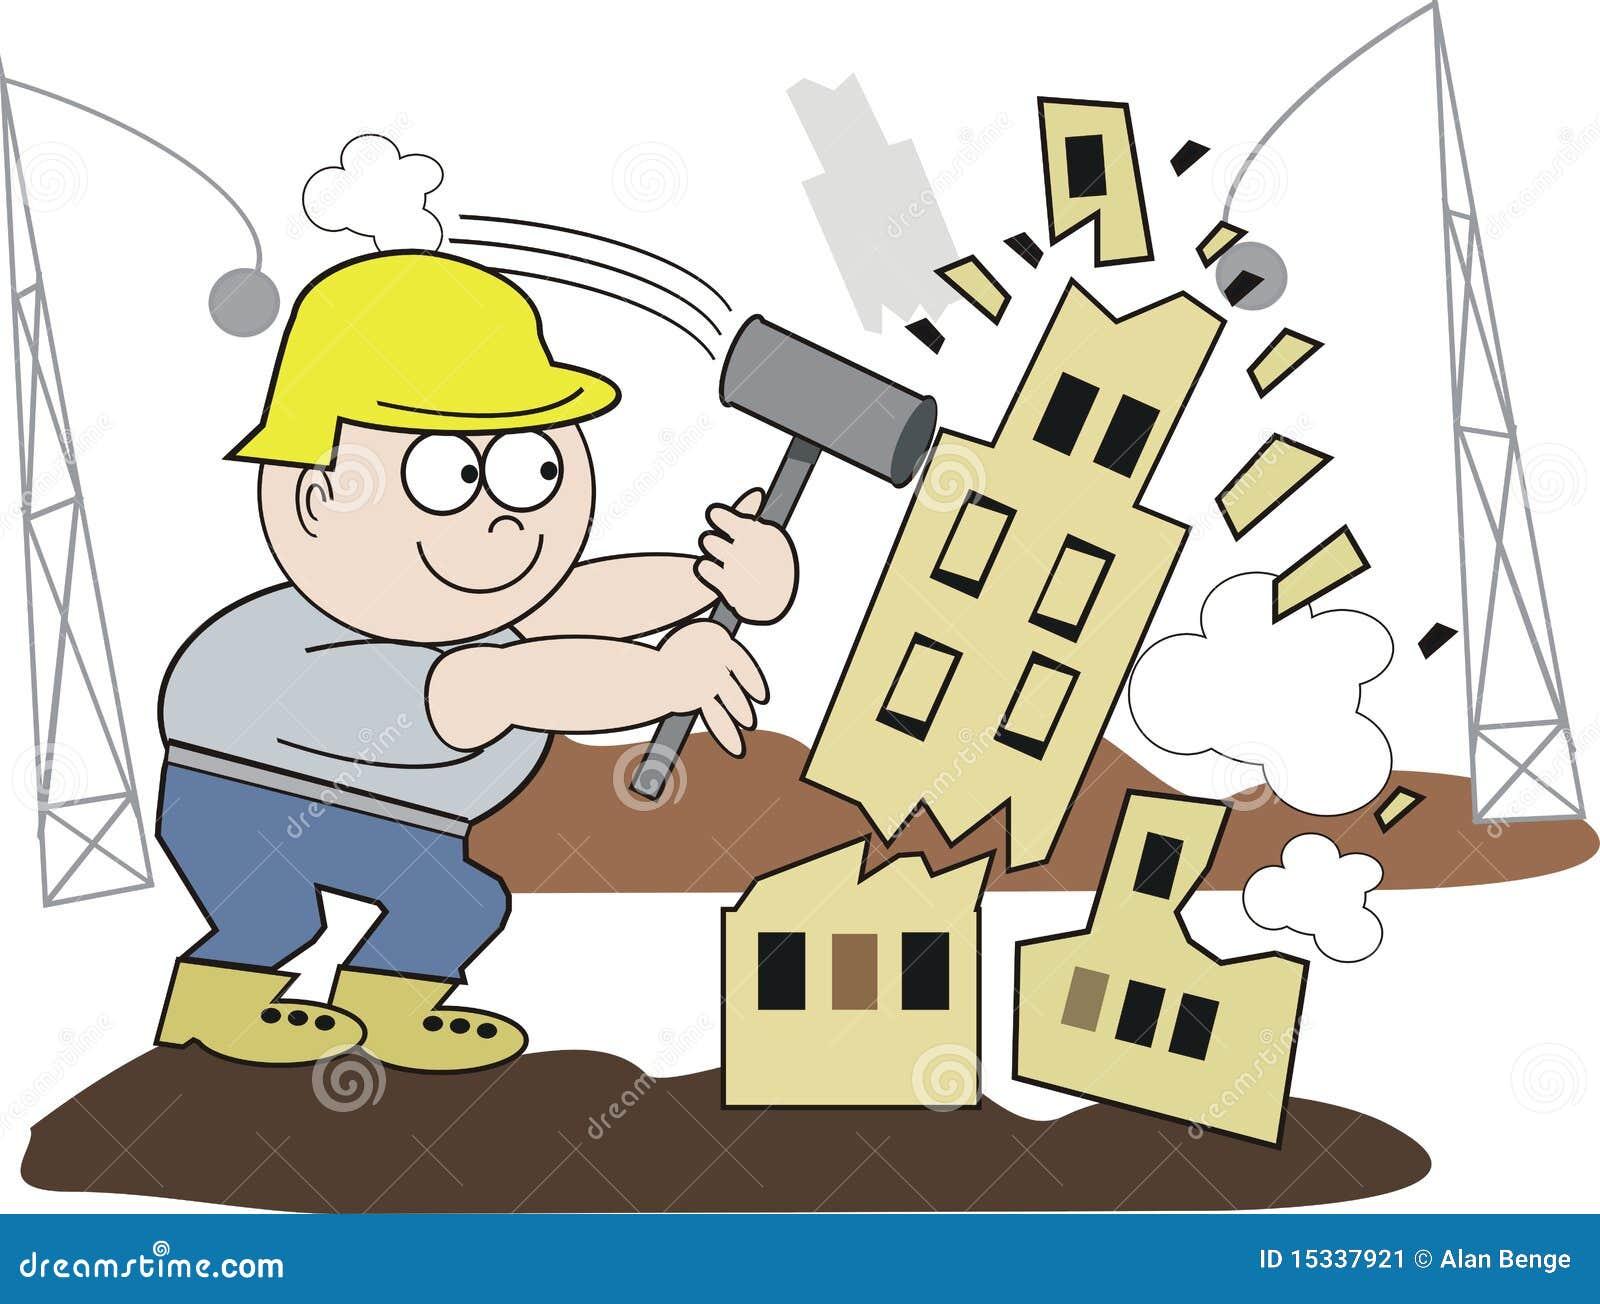 house demolition clipart - photo #1